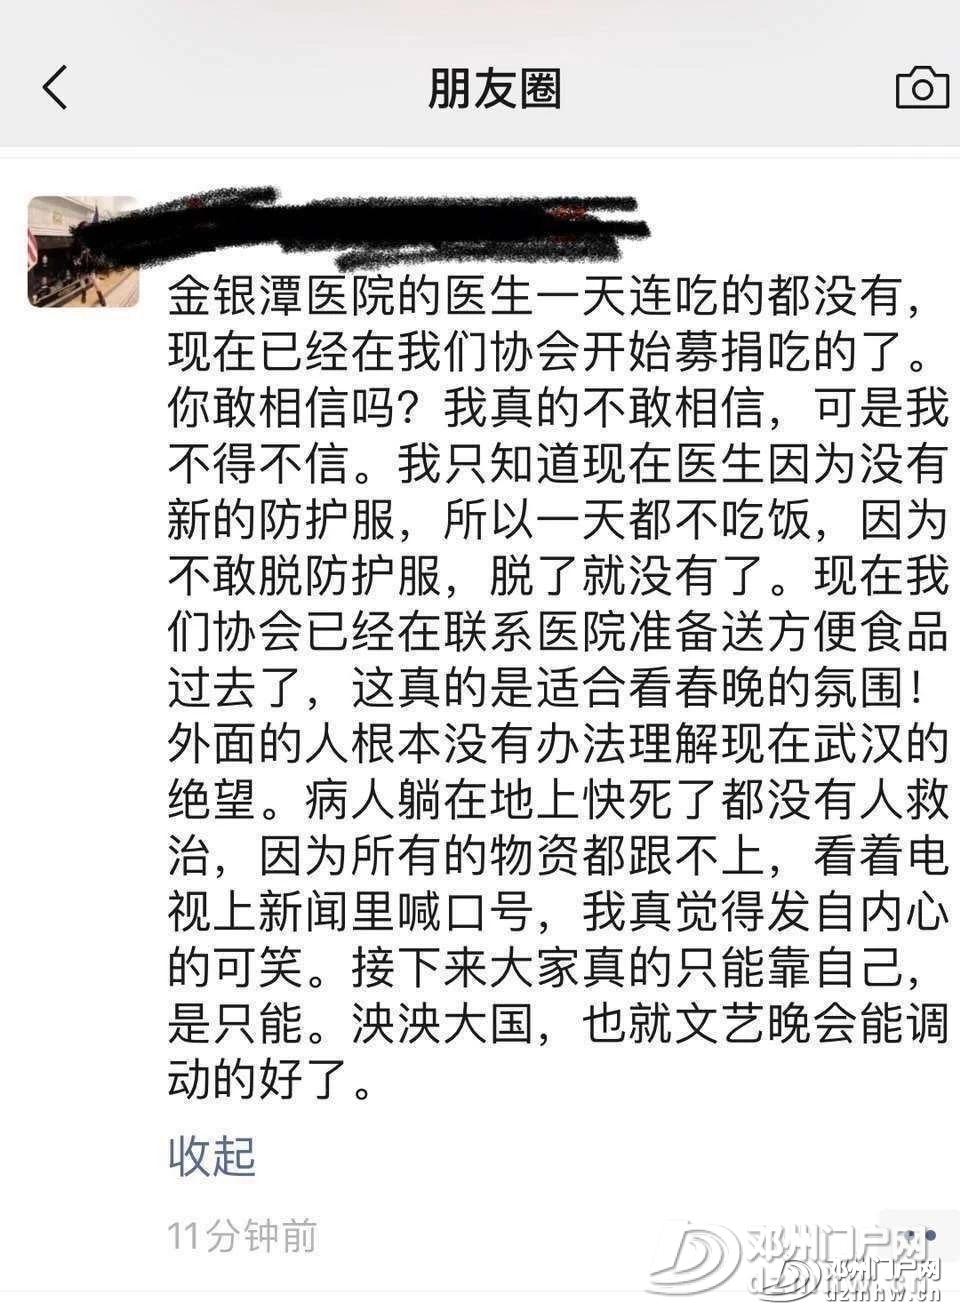 武汉医生向全国发出声嘶力竭的SOS求援信号! - 邓州门户网|邓州网 - 29155cf6eed76cbbac5d23e022f9dae3.jpg